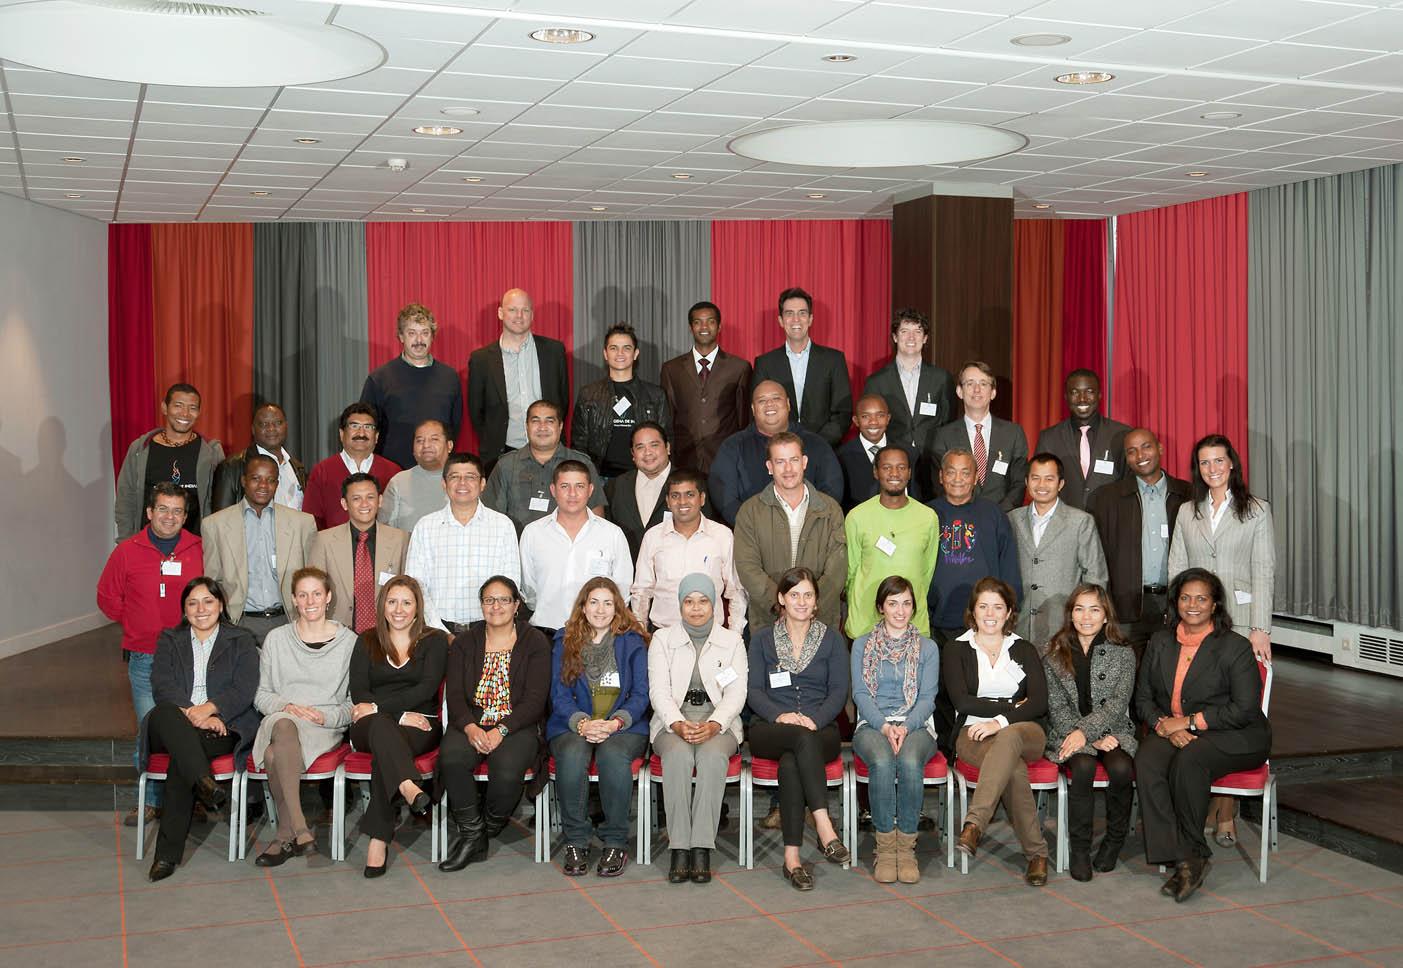 peserta_training_dari berbagai negara di Hilton Hotel Rotterdam